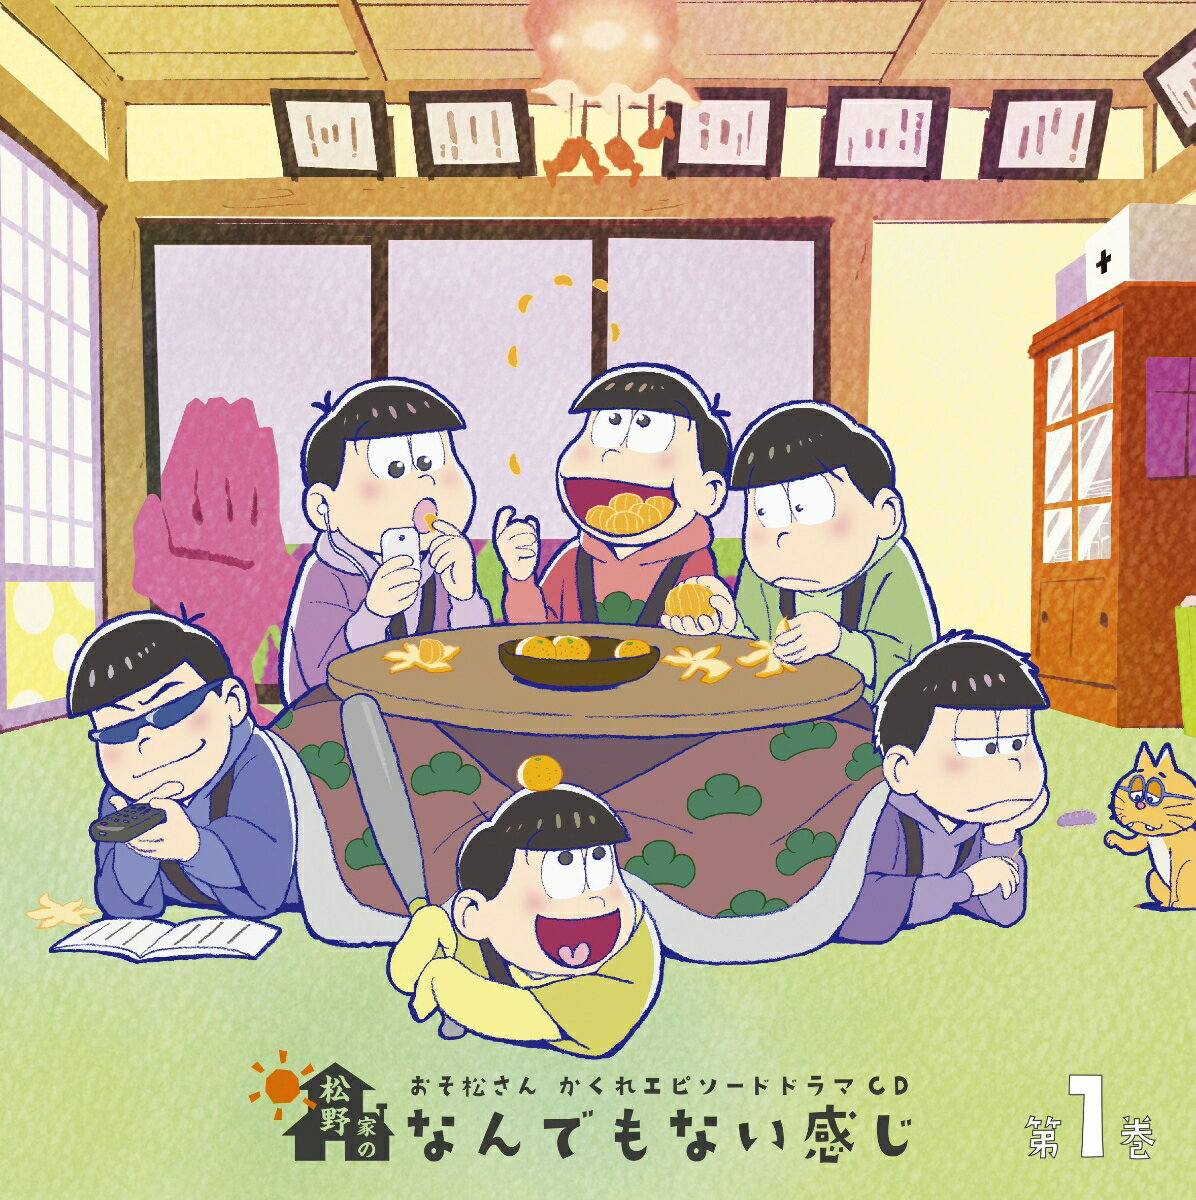 おそ松さん かくれエピソードドラマCD「松野家のなんでもない感じ」 第1巻画像